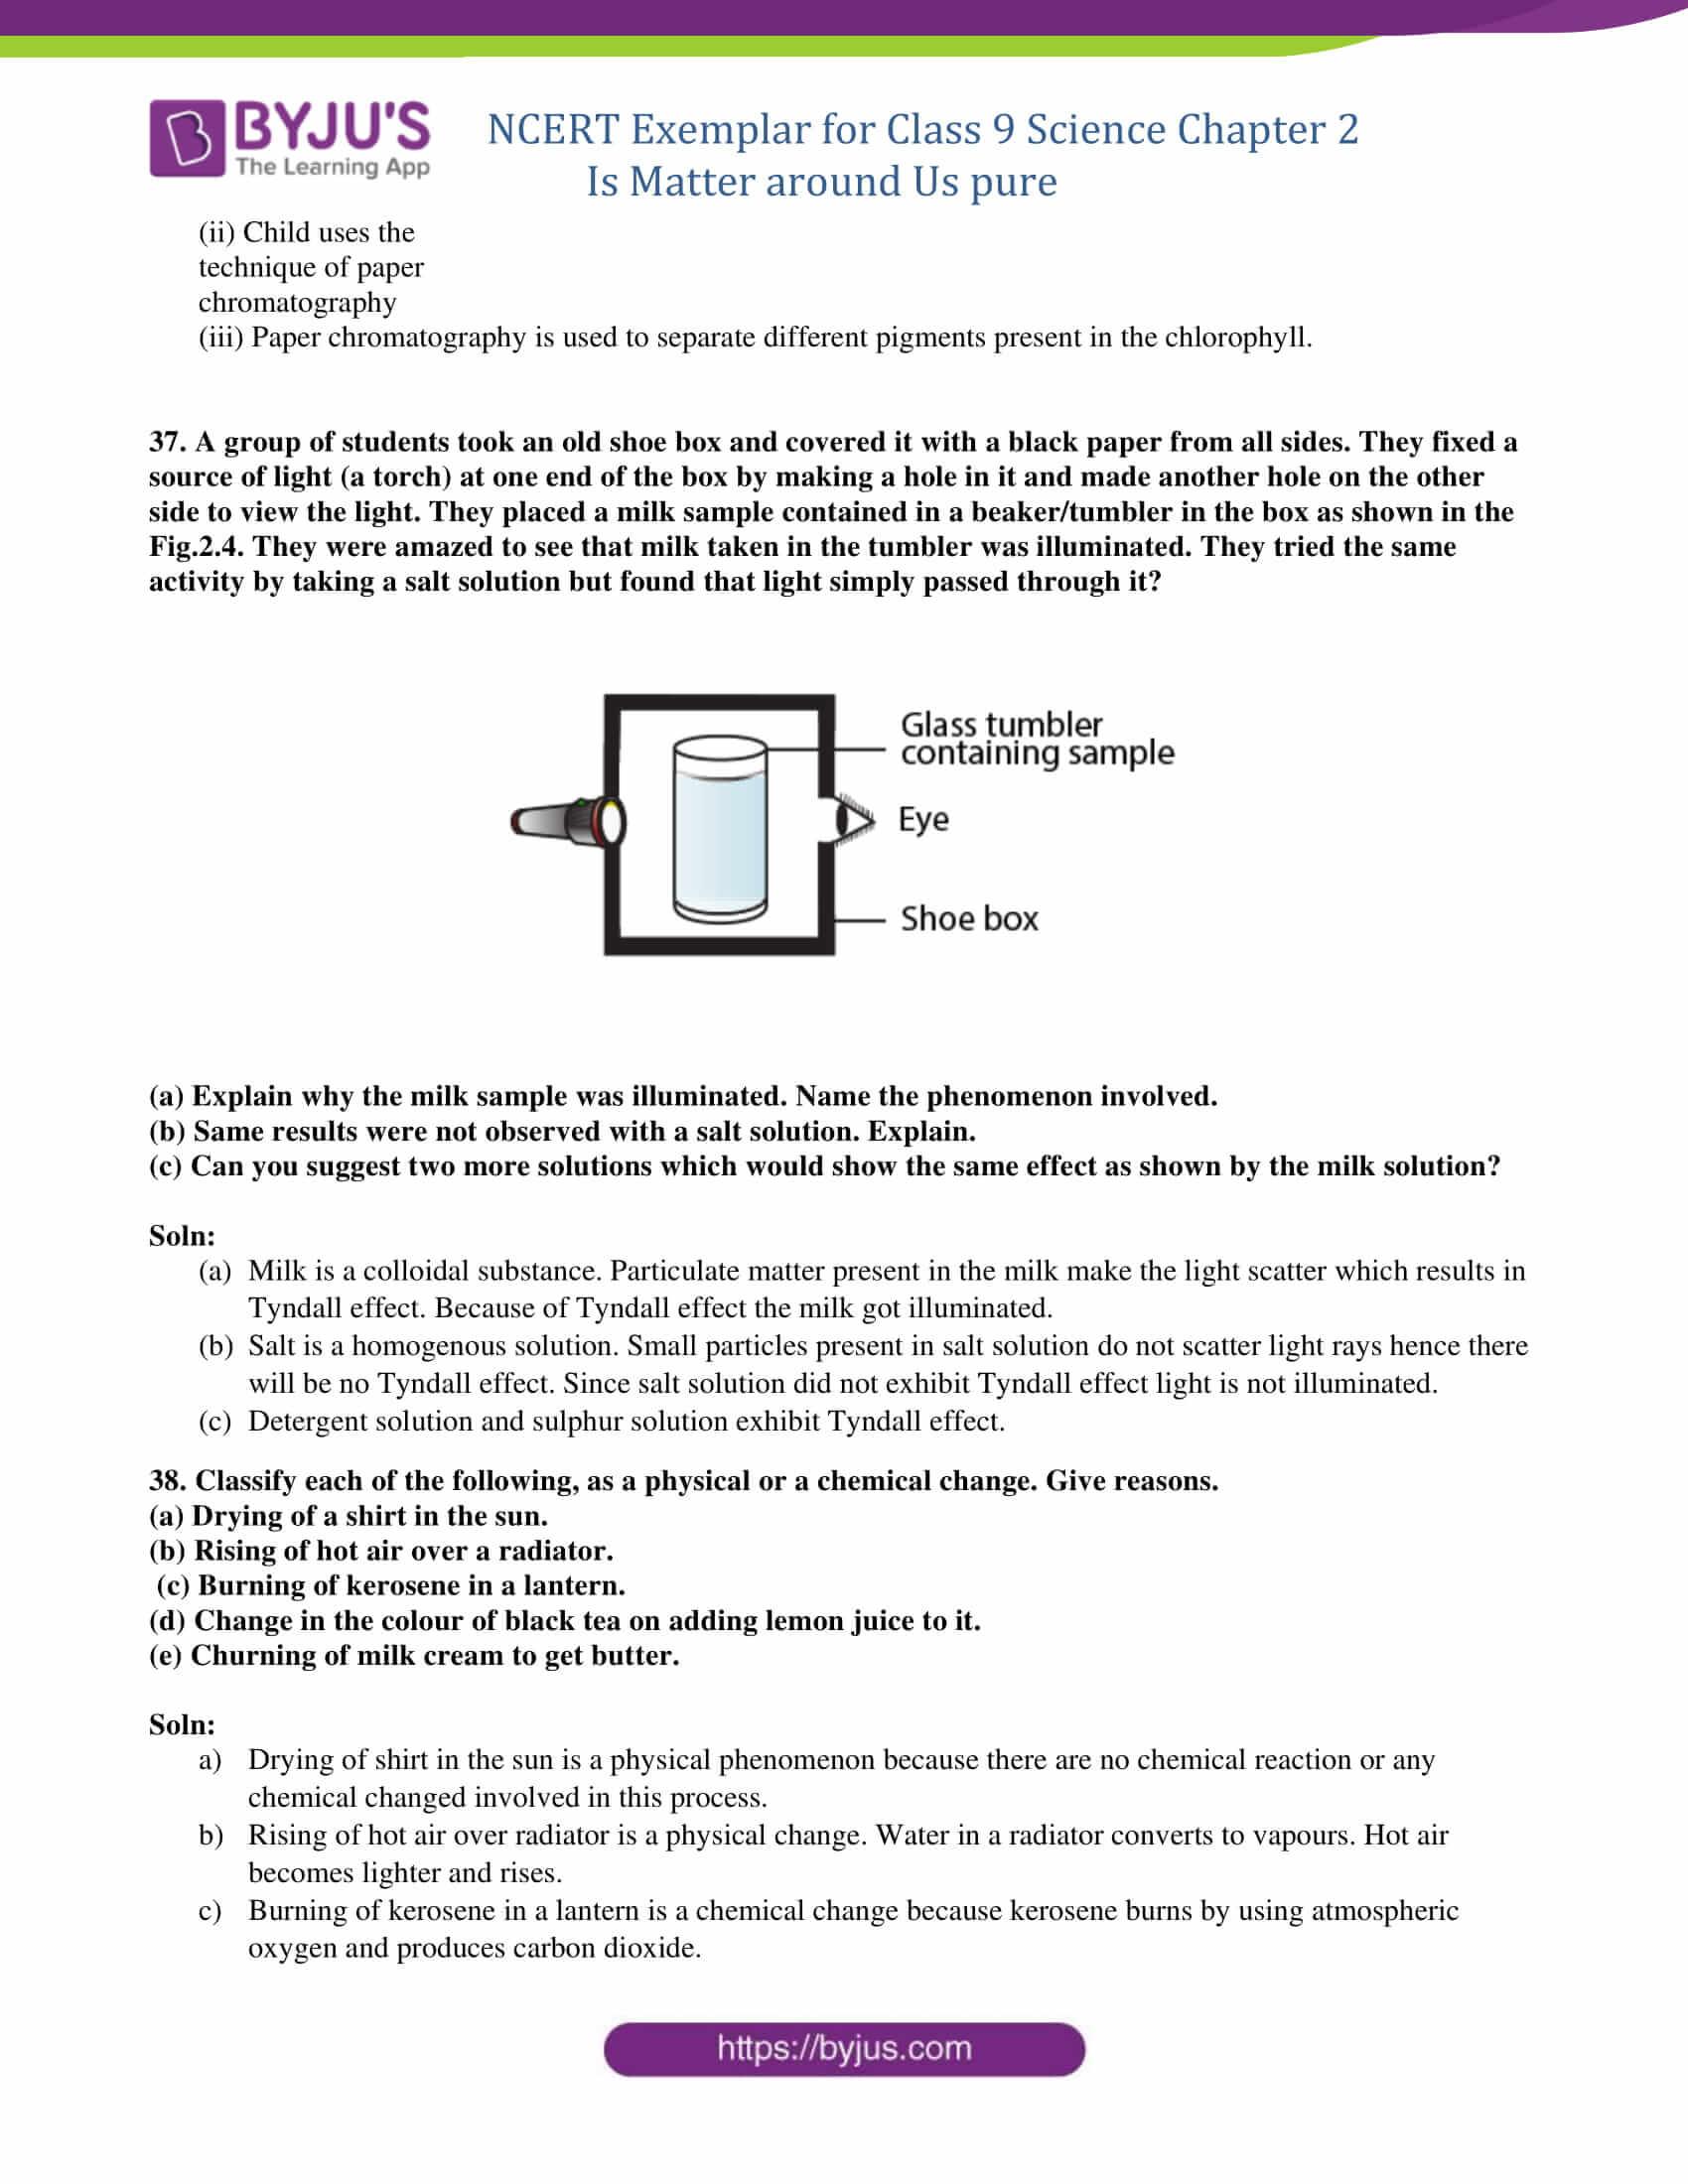 NCERT Exemplar solution class 9 Chapter 2 Part 16